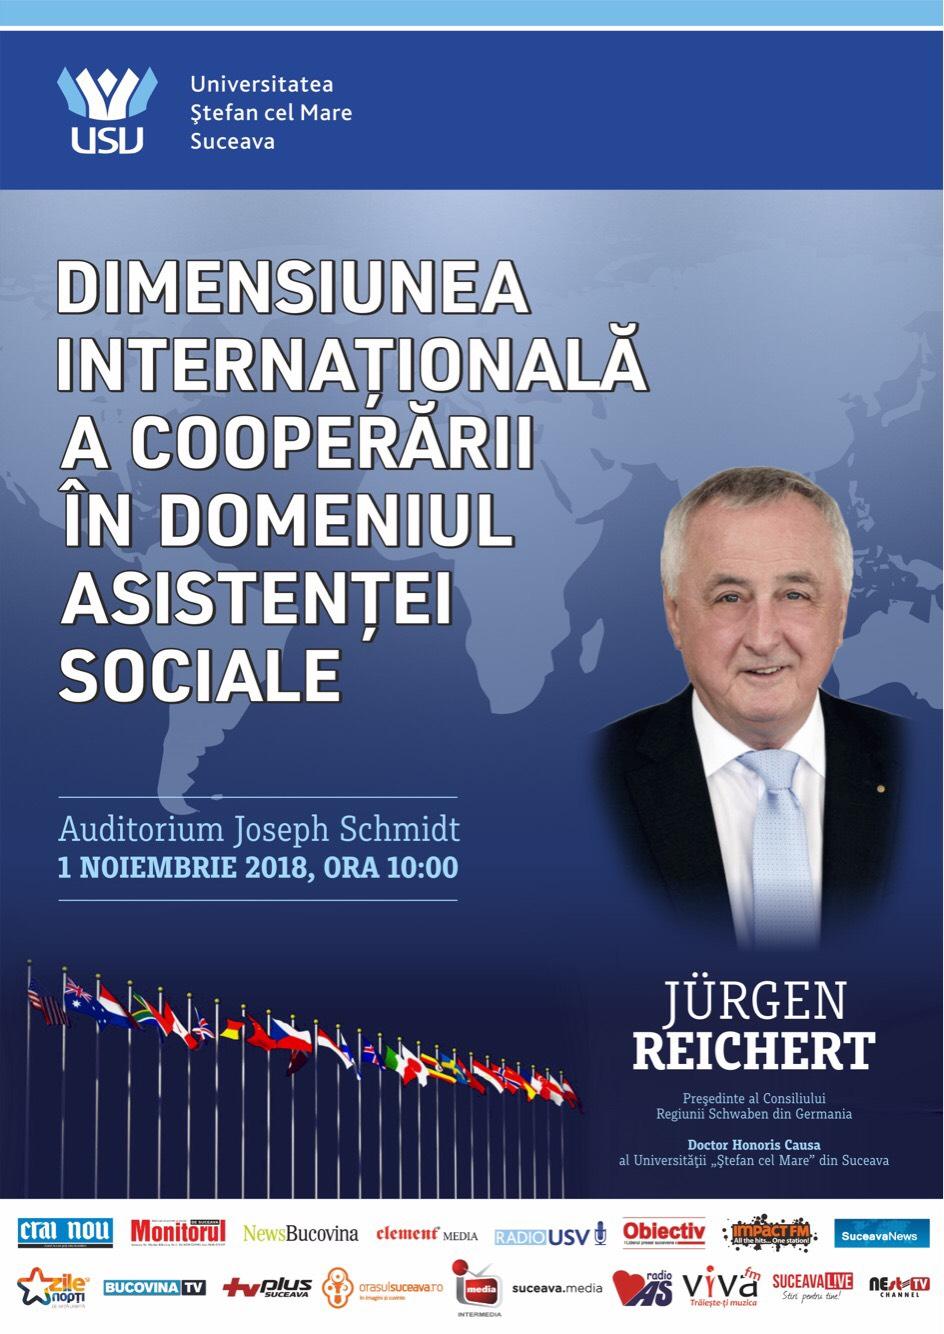 Dimensiunea internațională a cooperării în domeniul asistenței sociale